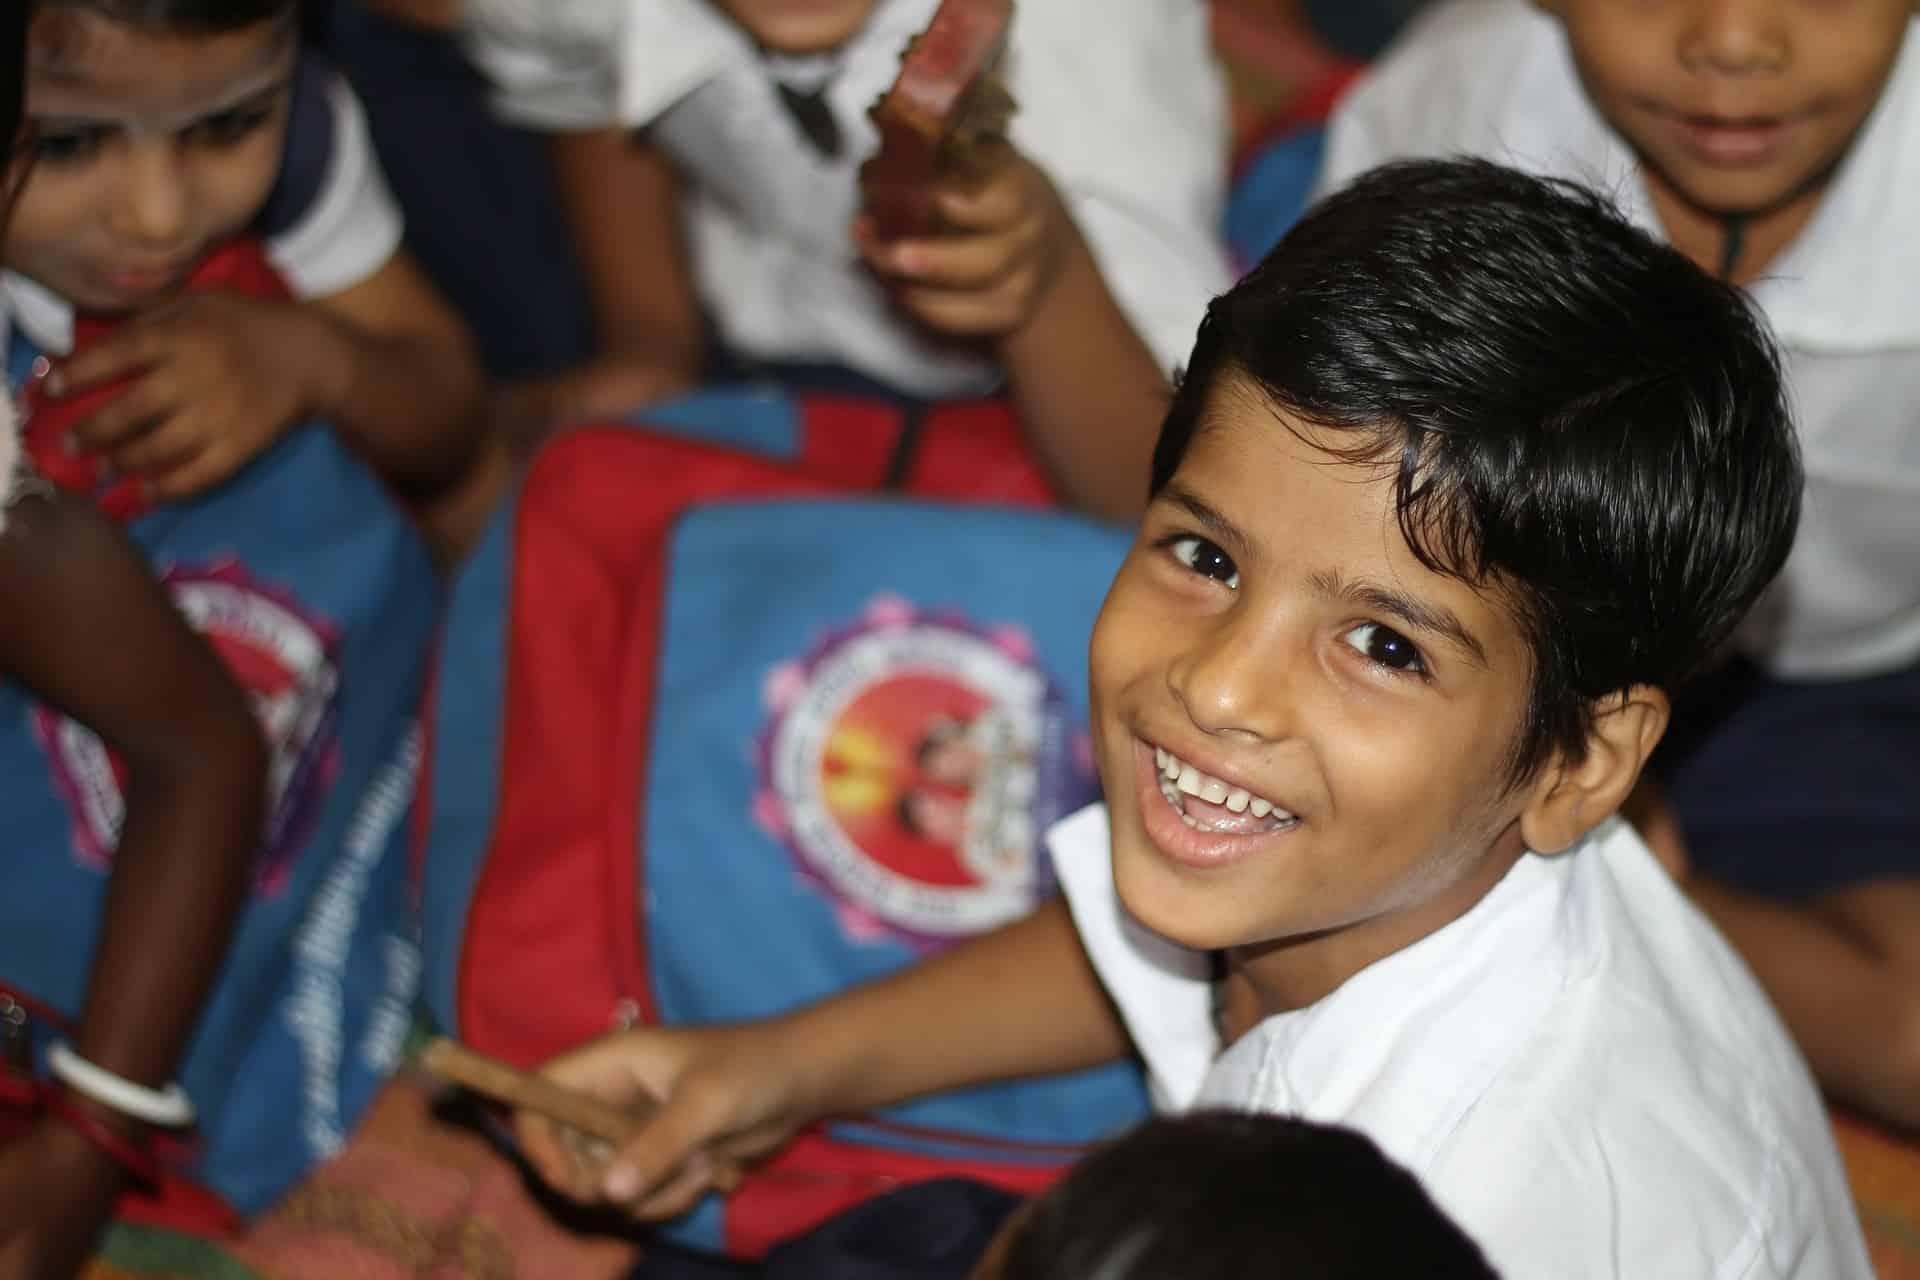 Volontariato internazionale in India sull'ecosostenibilità in una scuola